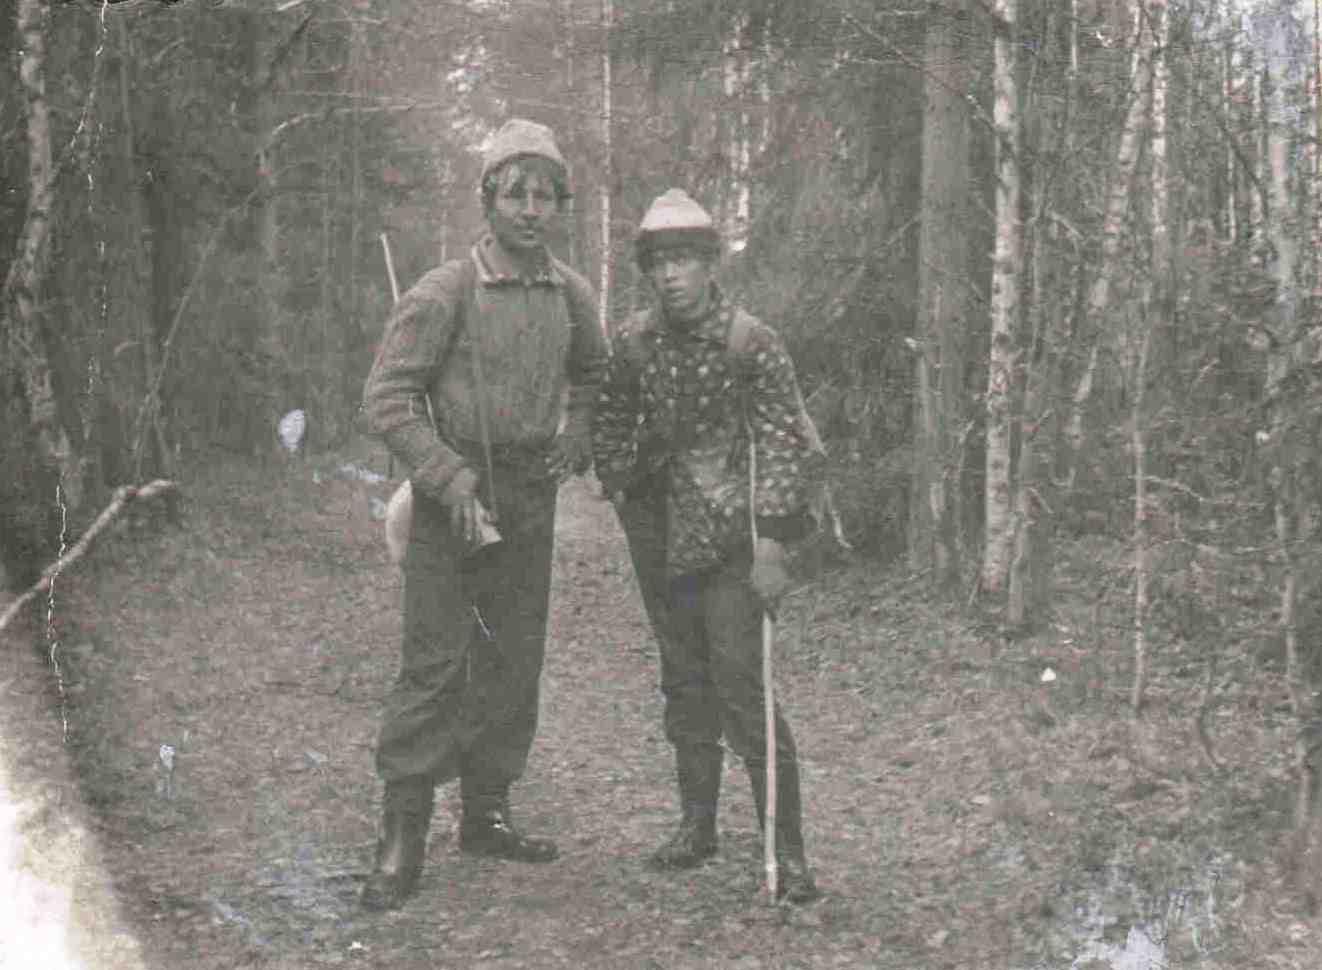 1973, весна, дорога из Нянды на Шестой, Доника А.Д. и Арсентьев К., охота на птицу.